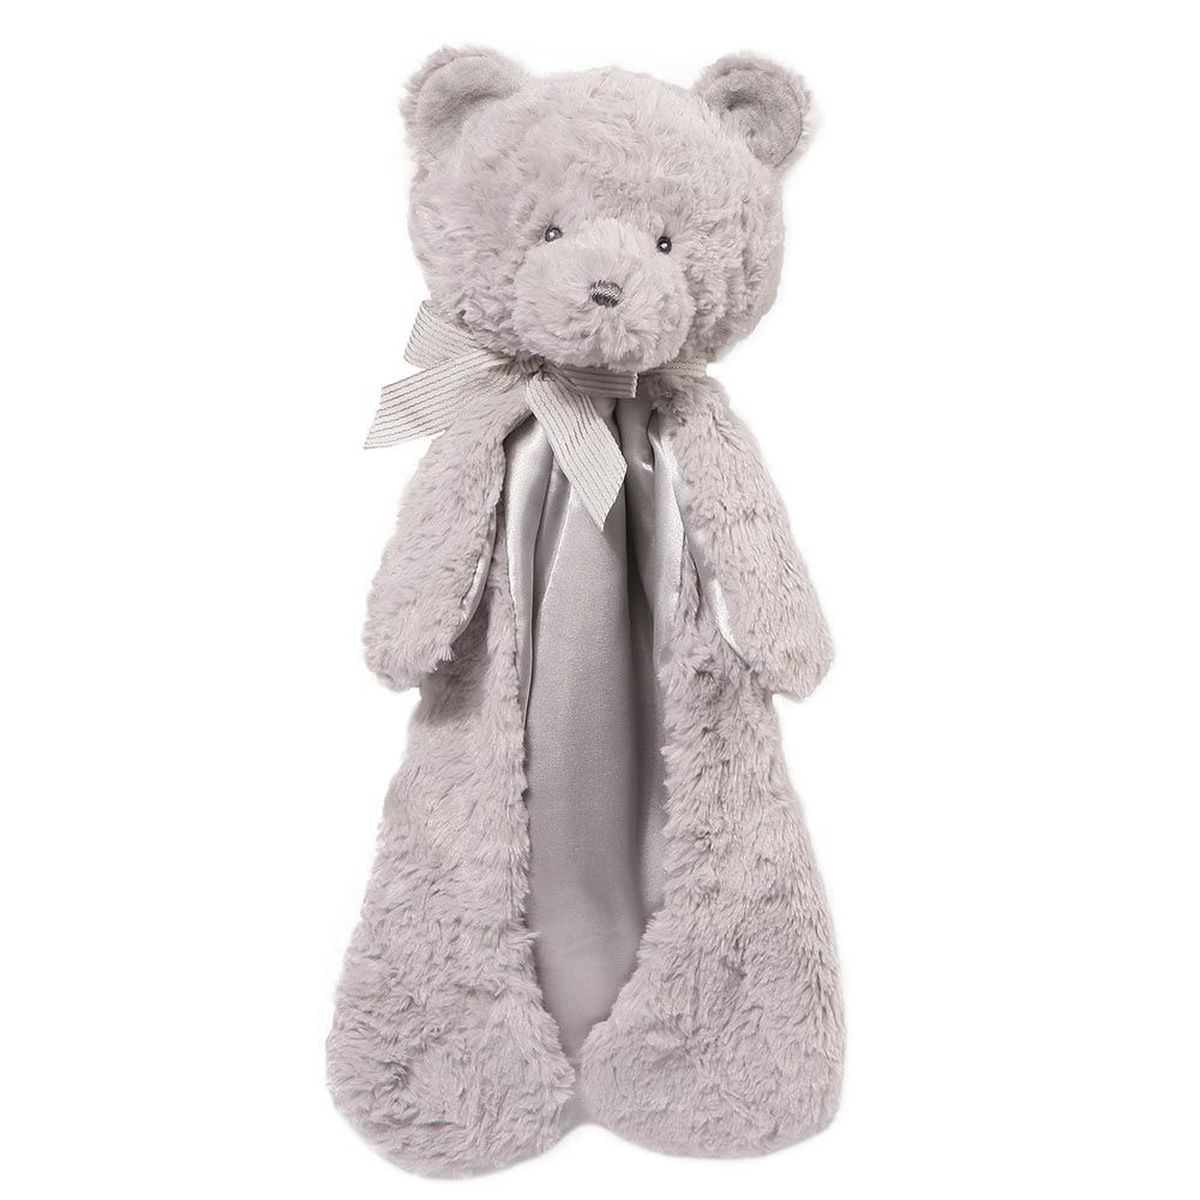 Gund Мягкая игрушка Grayson Bear Huggybuddy 43 см gund мягкая игрушка perry bear 40 5 см